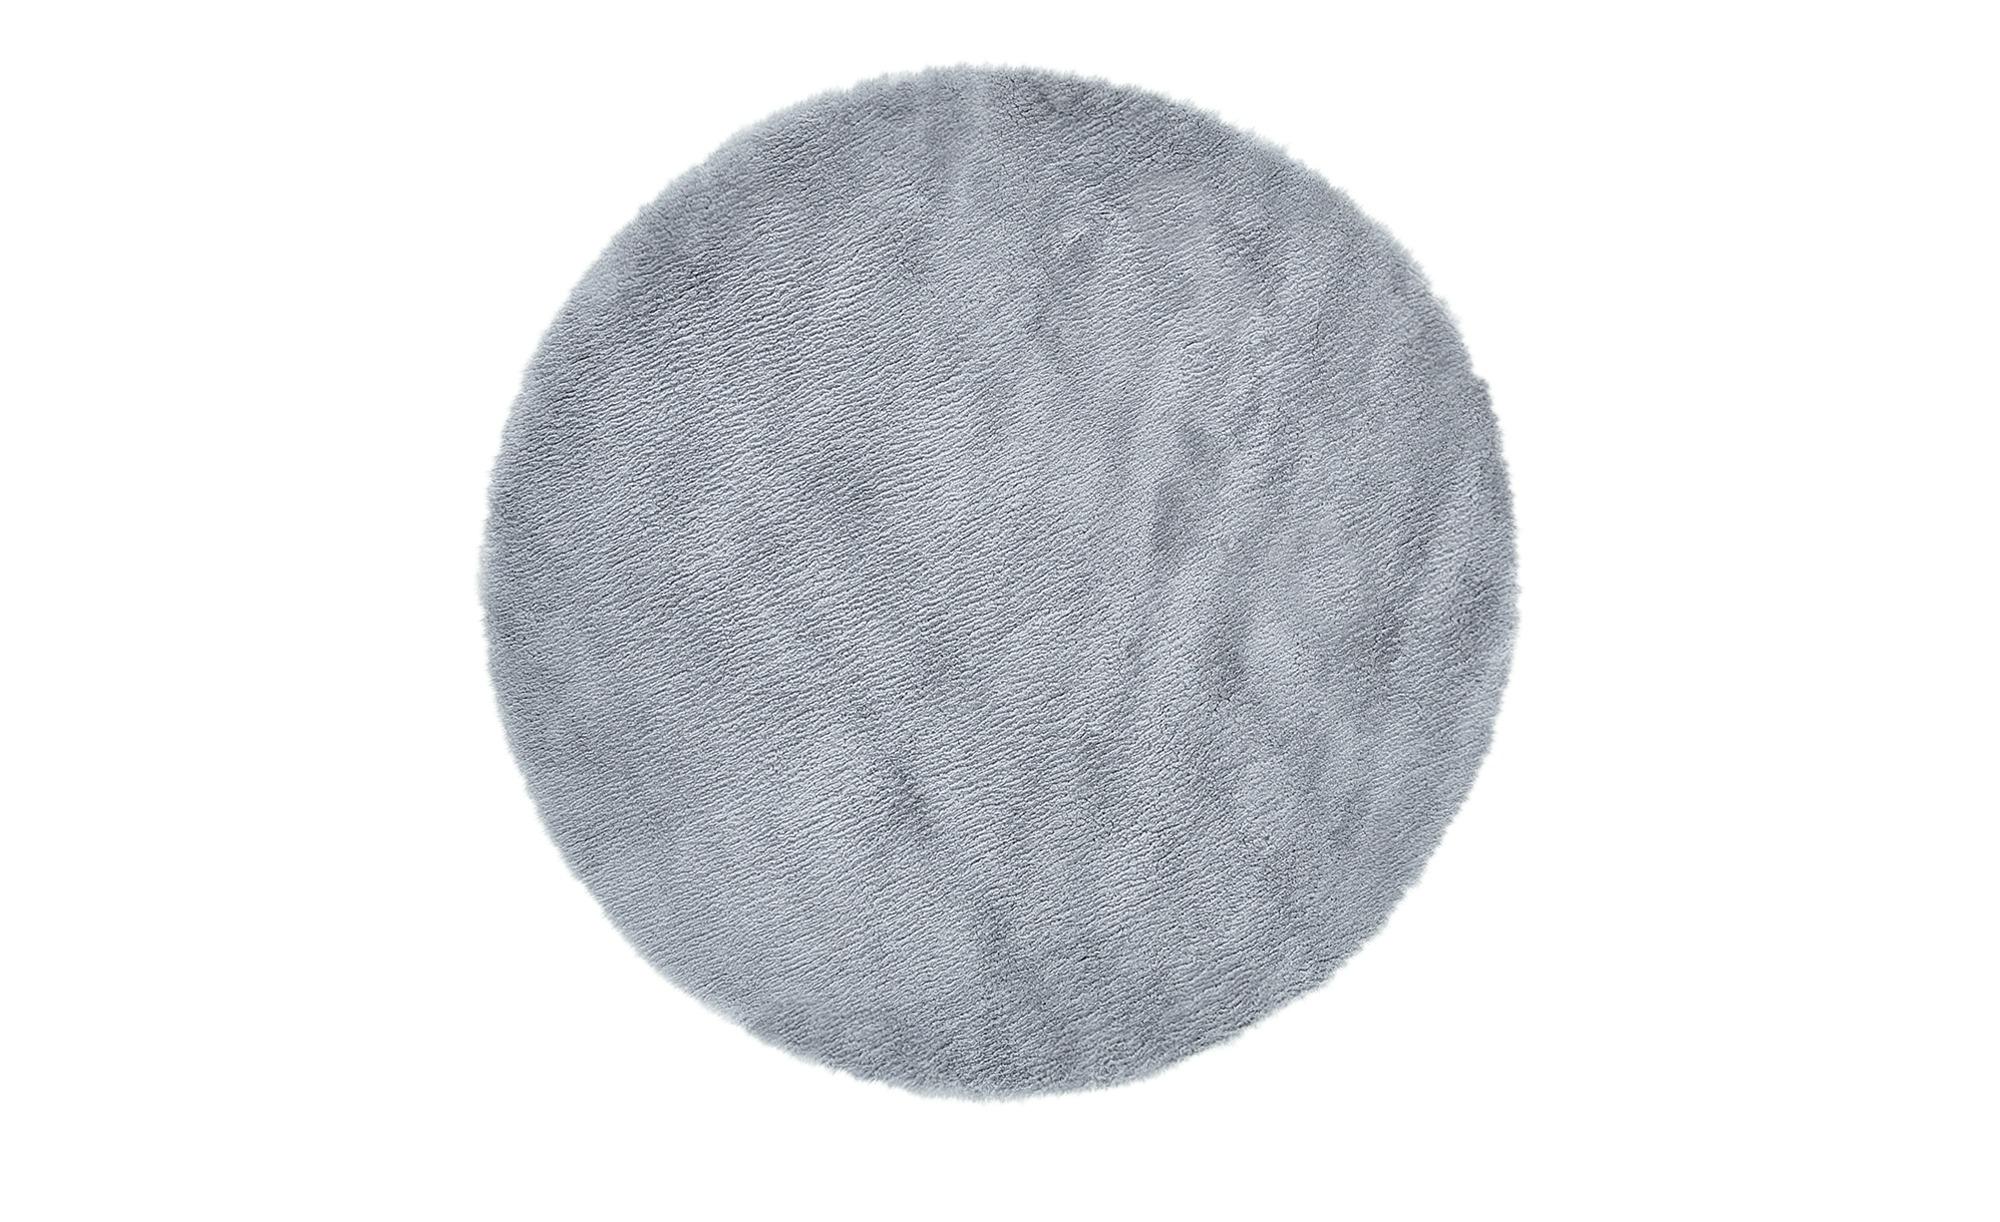 Kinderteppich  Lämmchen ¦ grau ¦ 100 % Polyester, Suede-Rücken, Lammfellimitat, Synthethische FasernØ: [120.0] Teppiche > Kinderteppiche - Höffner